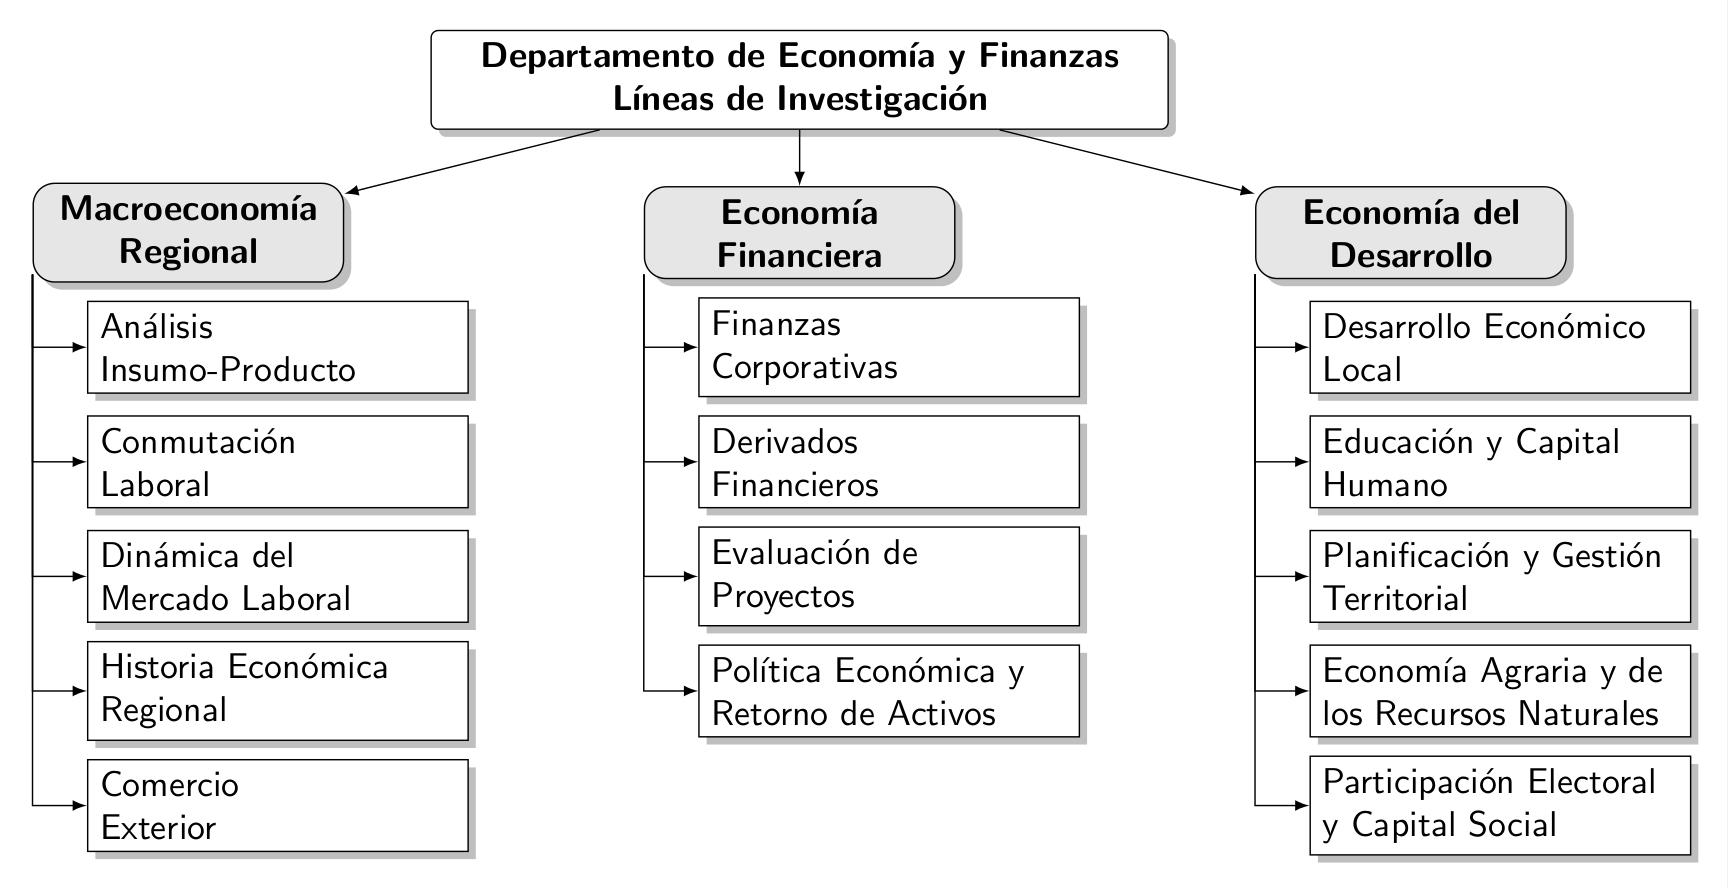 economiafinanzas_lineas2016